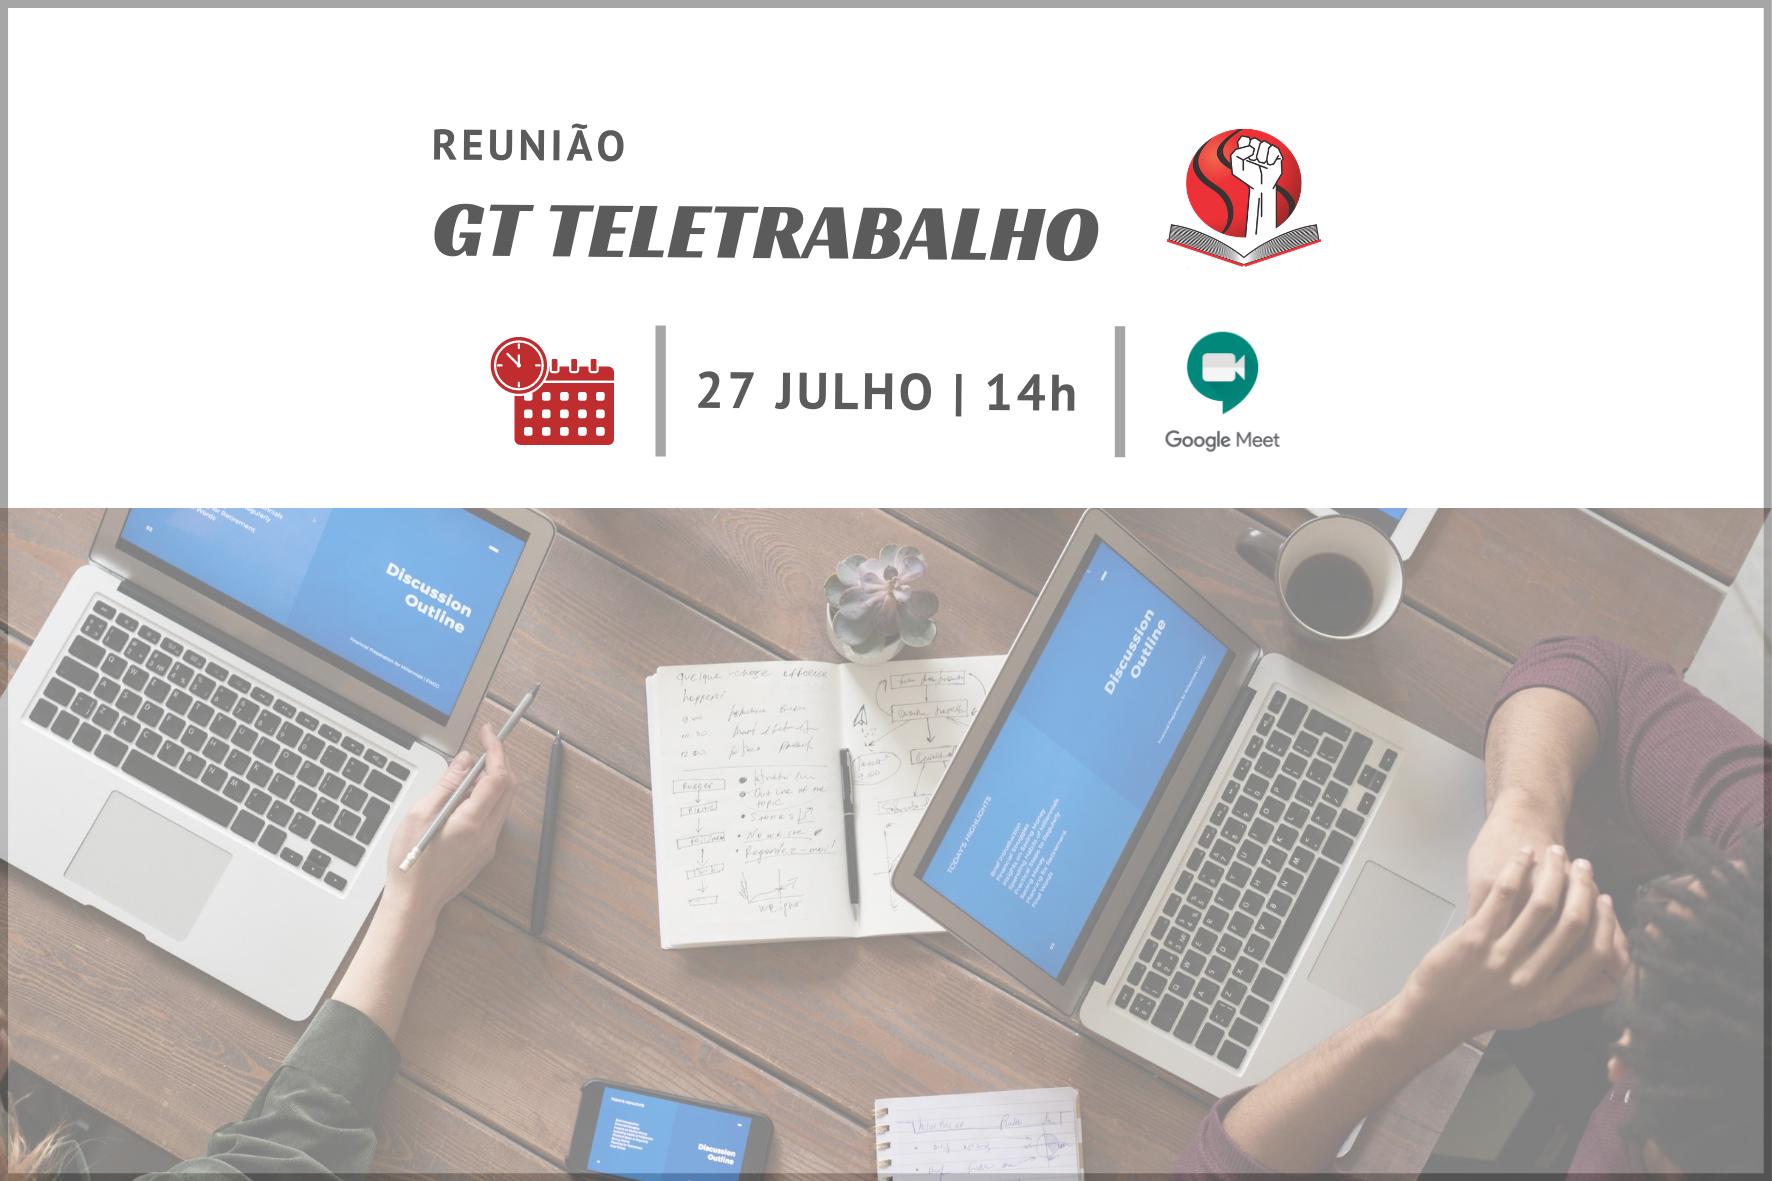 GT Teletrabalho realizará reuniões ampliadas